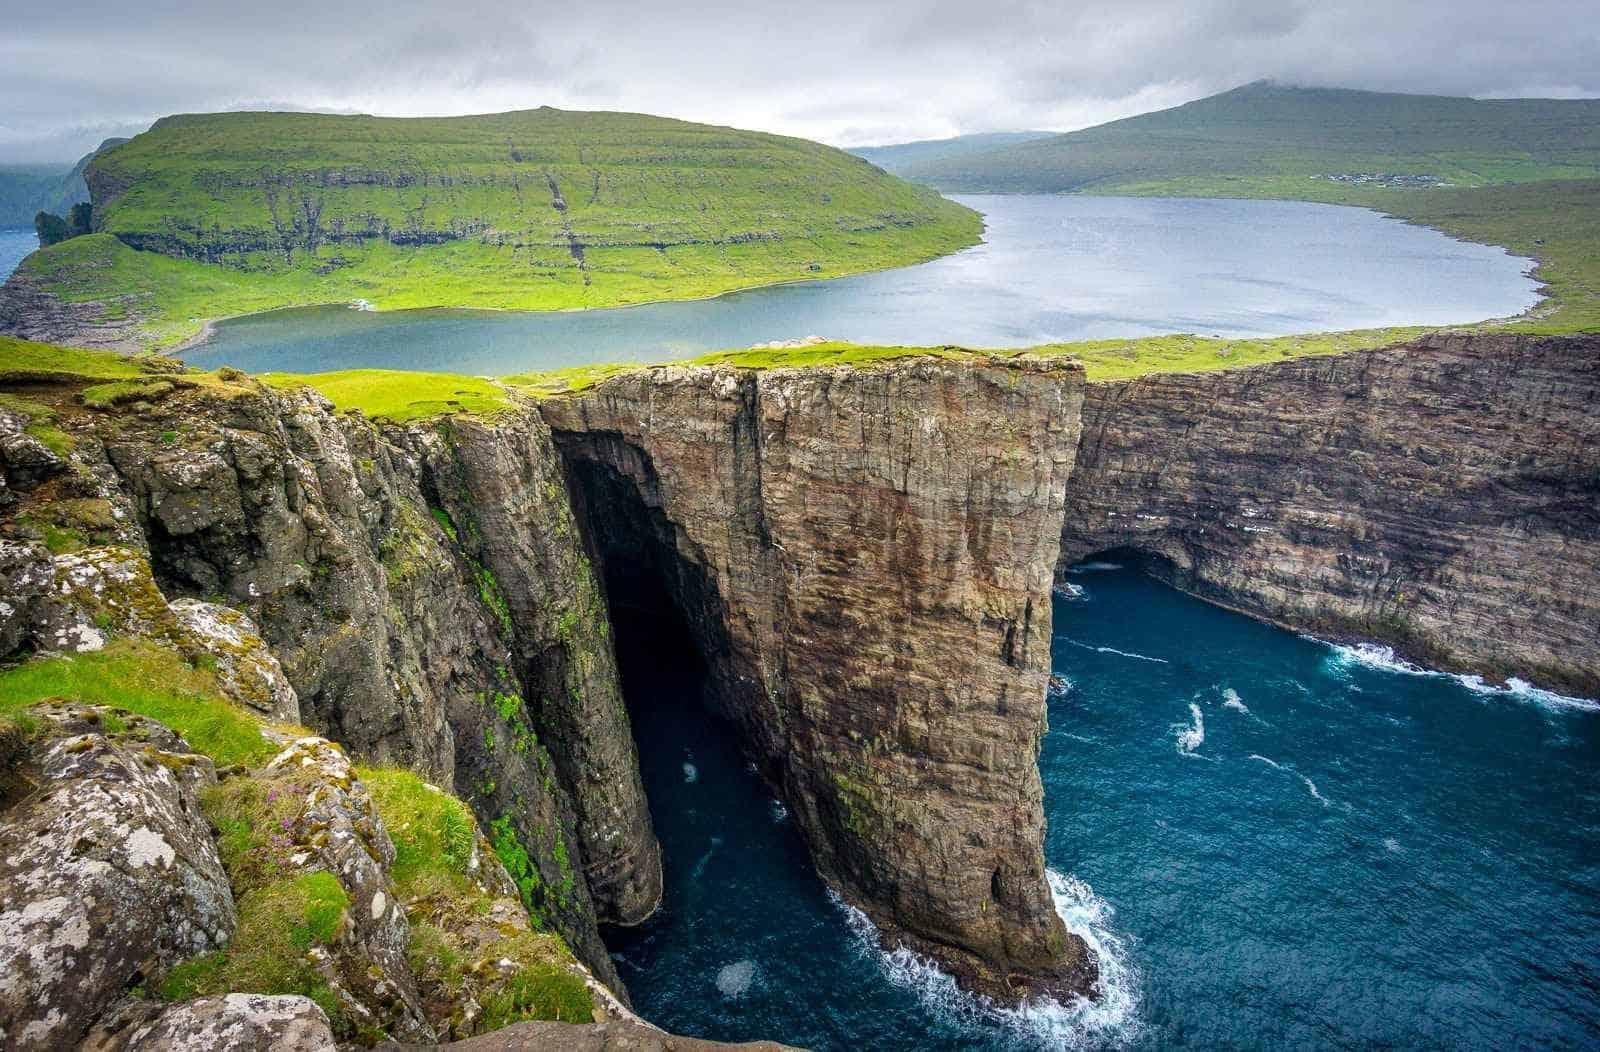 جزر فارو لاكتشاف المناطق الطبيعية